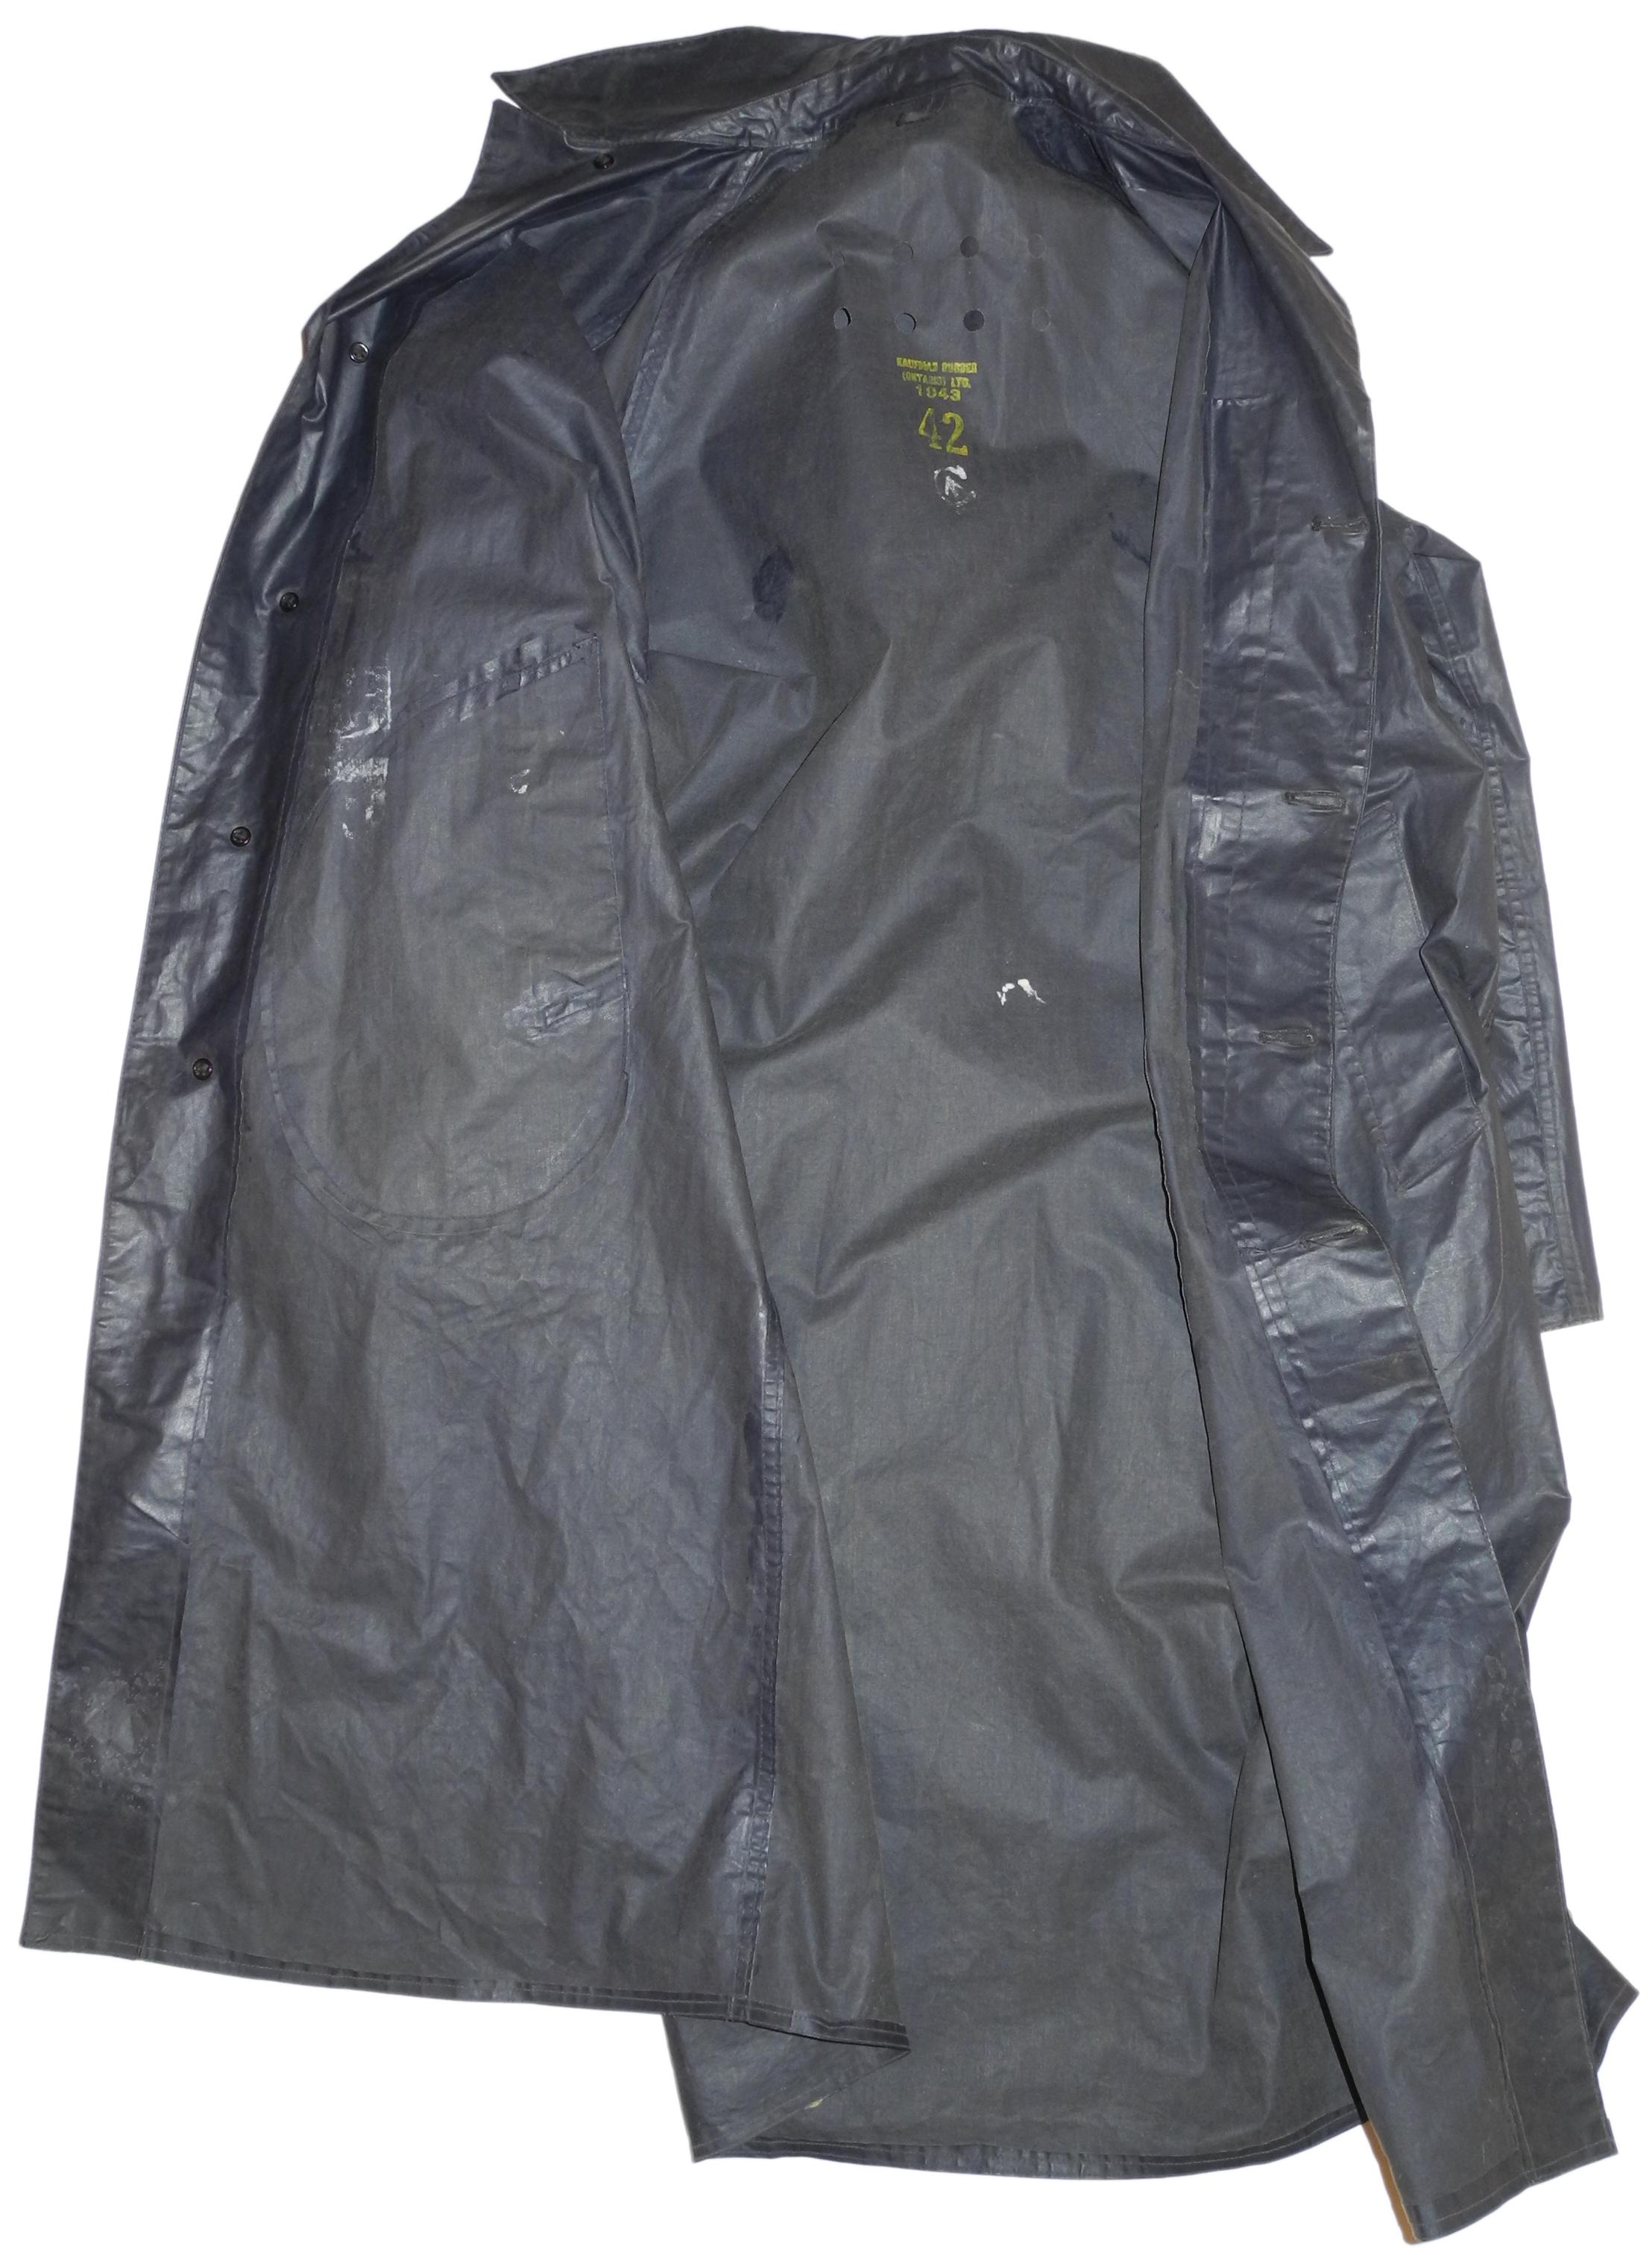 RCAF raincoat